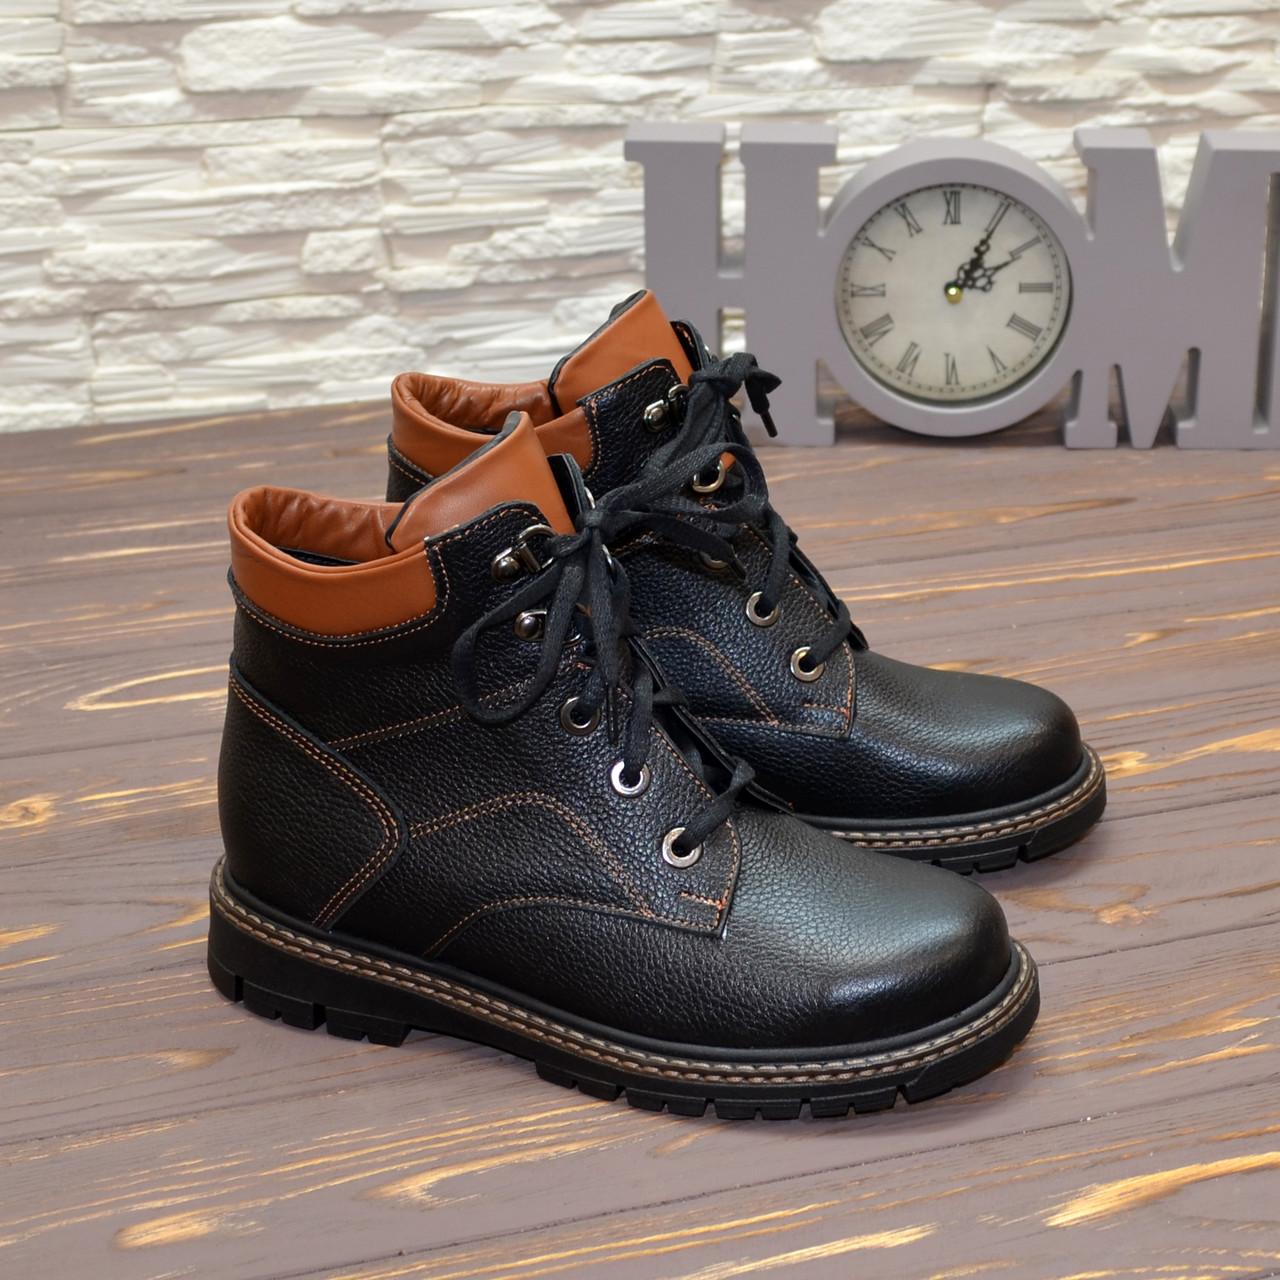 Ботинки подростковые кожаные для мальчика